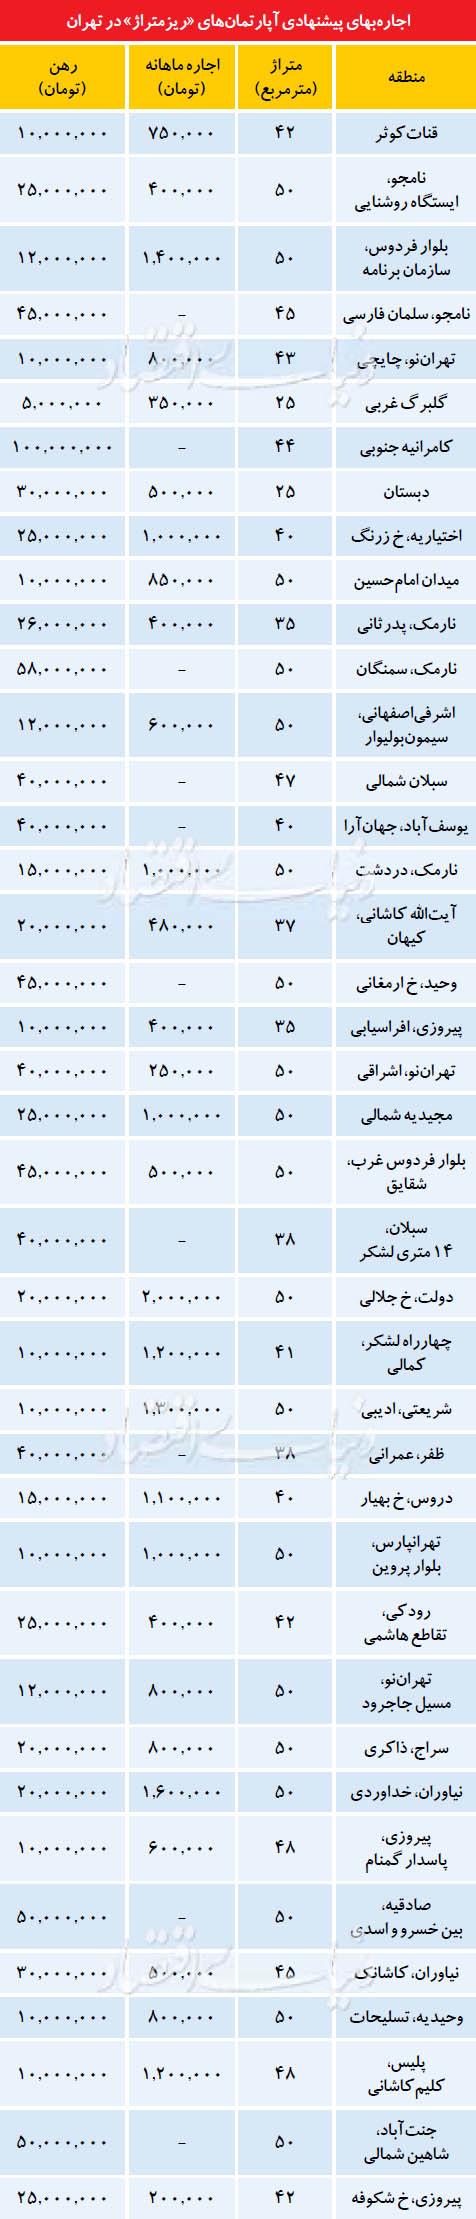 اجارهبهای پیشنهادی آپارتمانهای ریزمتراژ در تهران + جدول